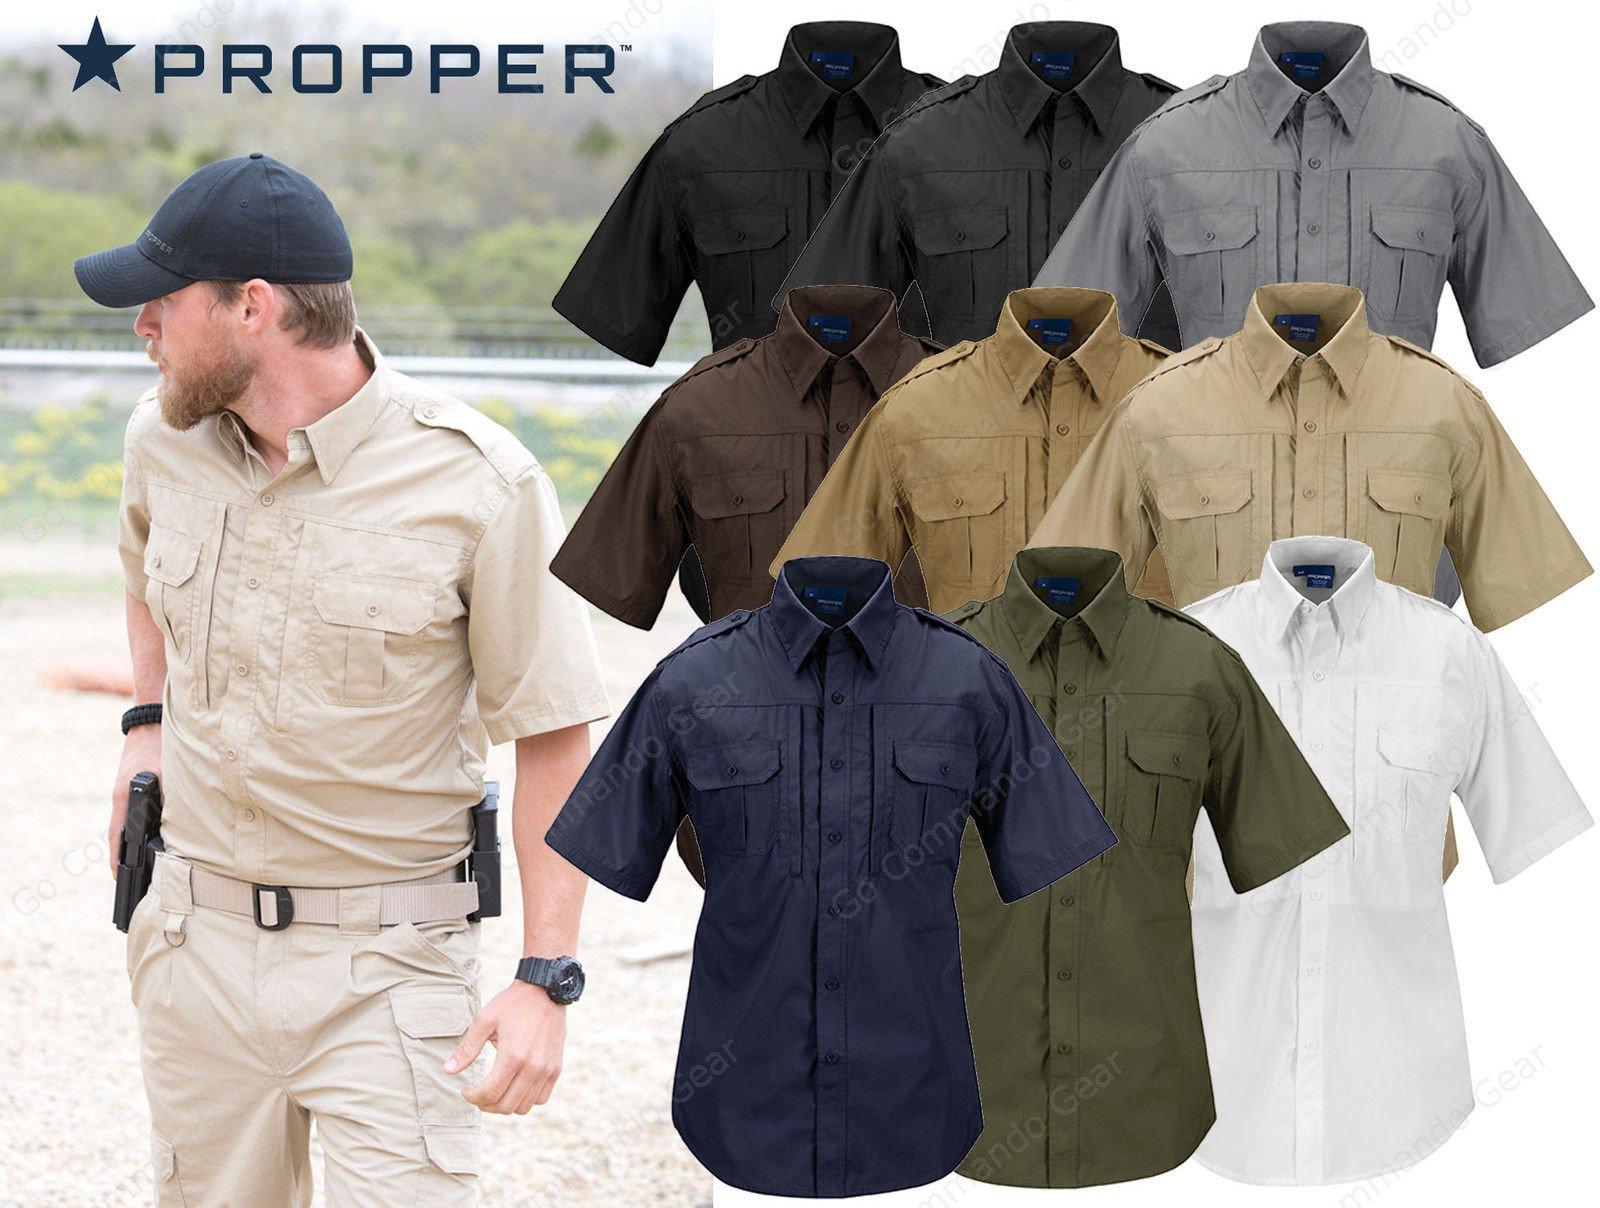 Mỹ PROPPER nhanh chóng làm khô chiến thuật áo sơ mi nam ngoài trời TefIon không thấm nước chống bẩn ẩm hấp thụ áo sơ mi giản dị ngắn tay áo